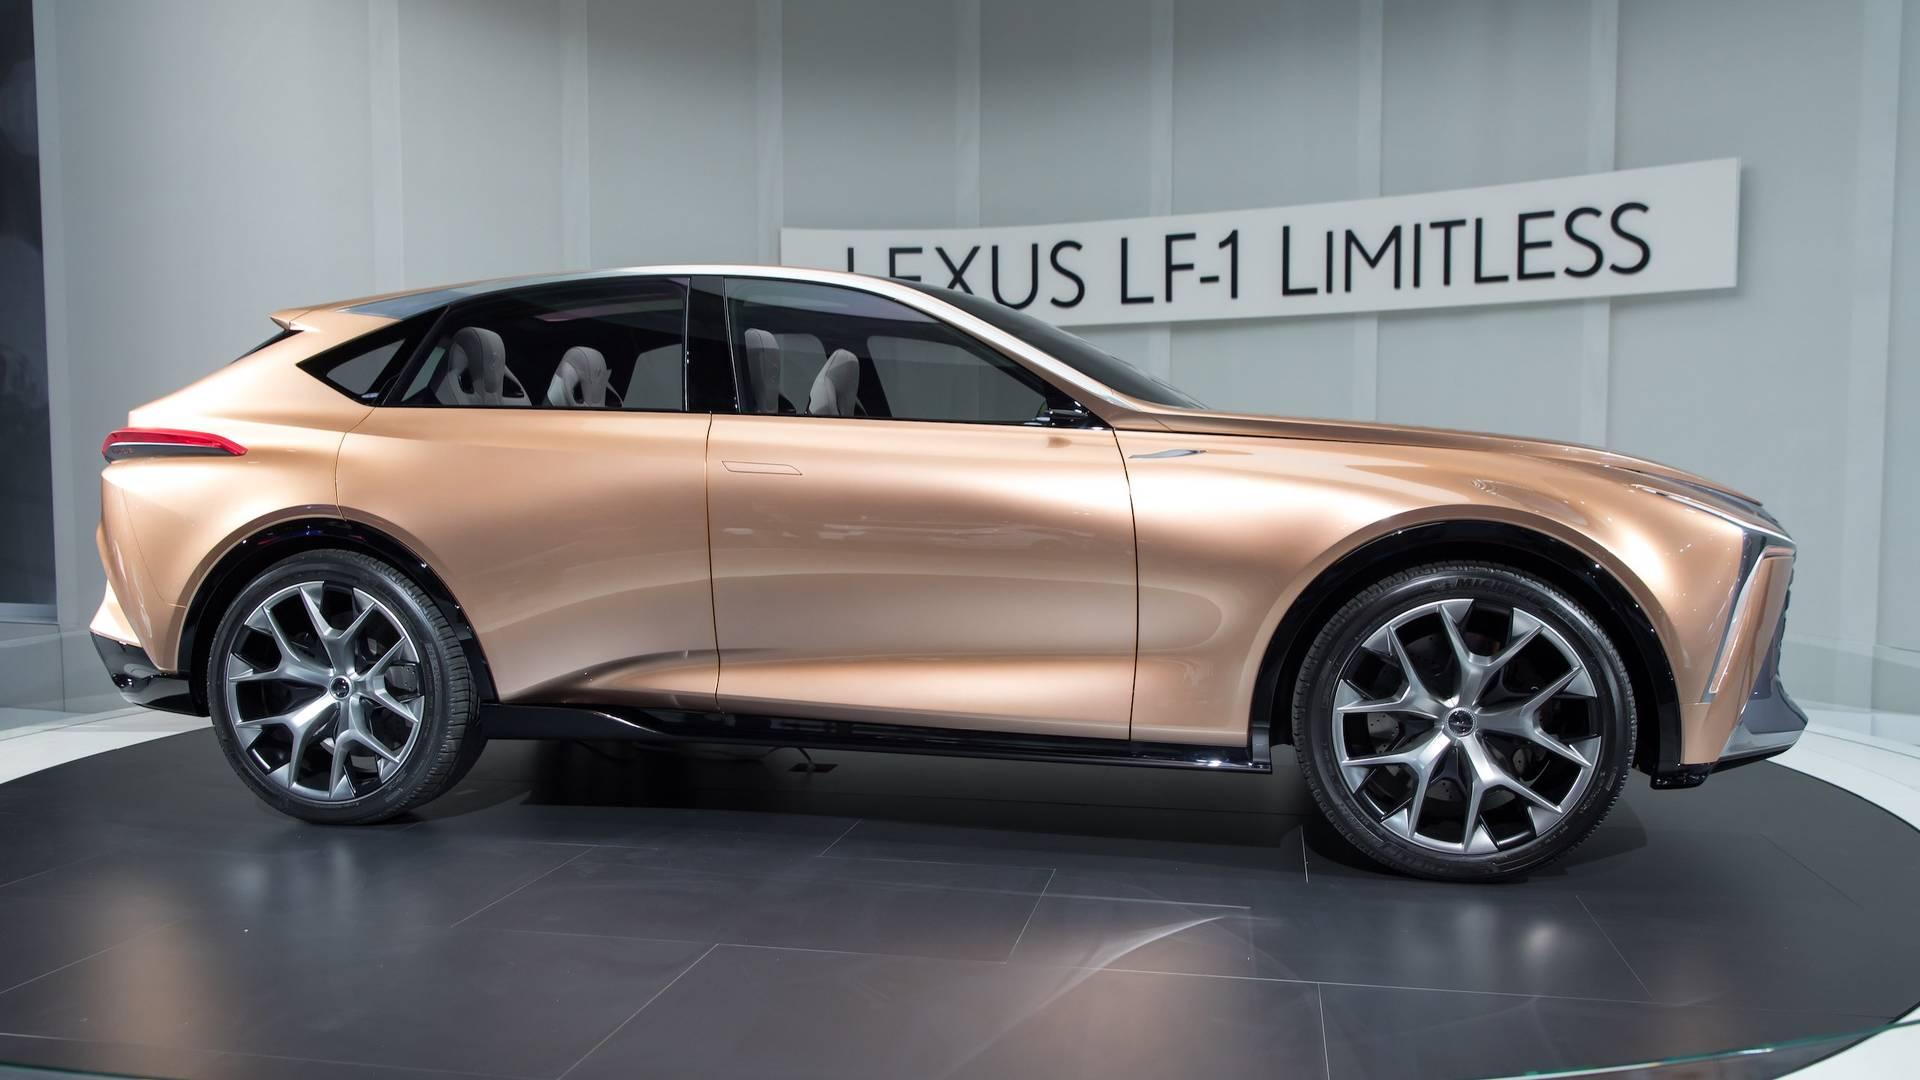 lexus-lf-1-limitless-concept.jpg